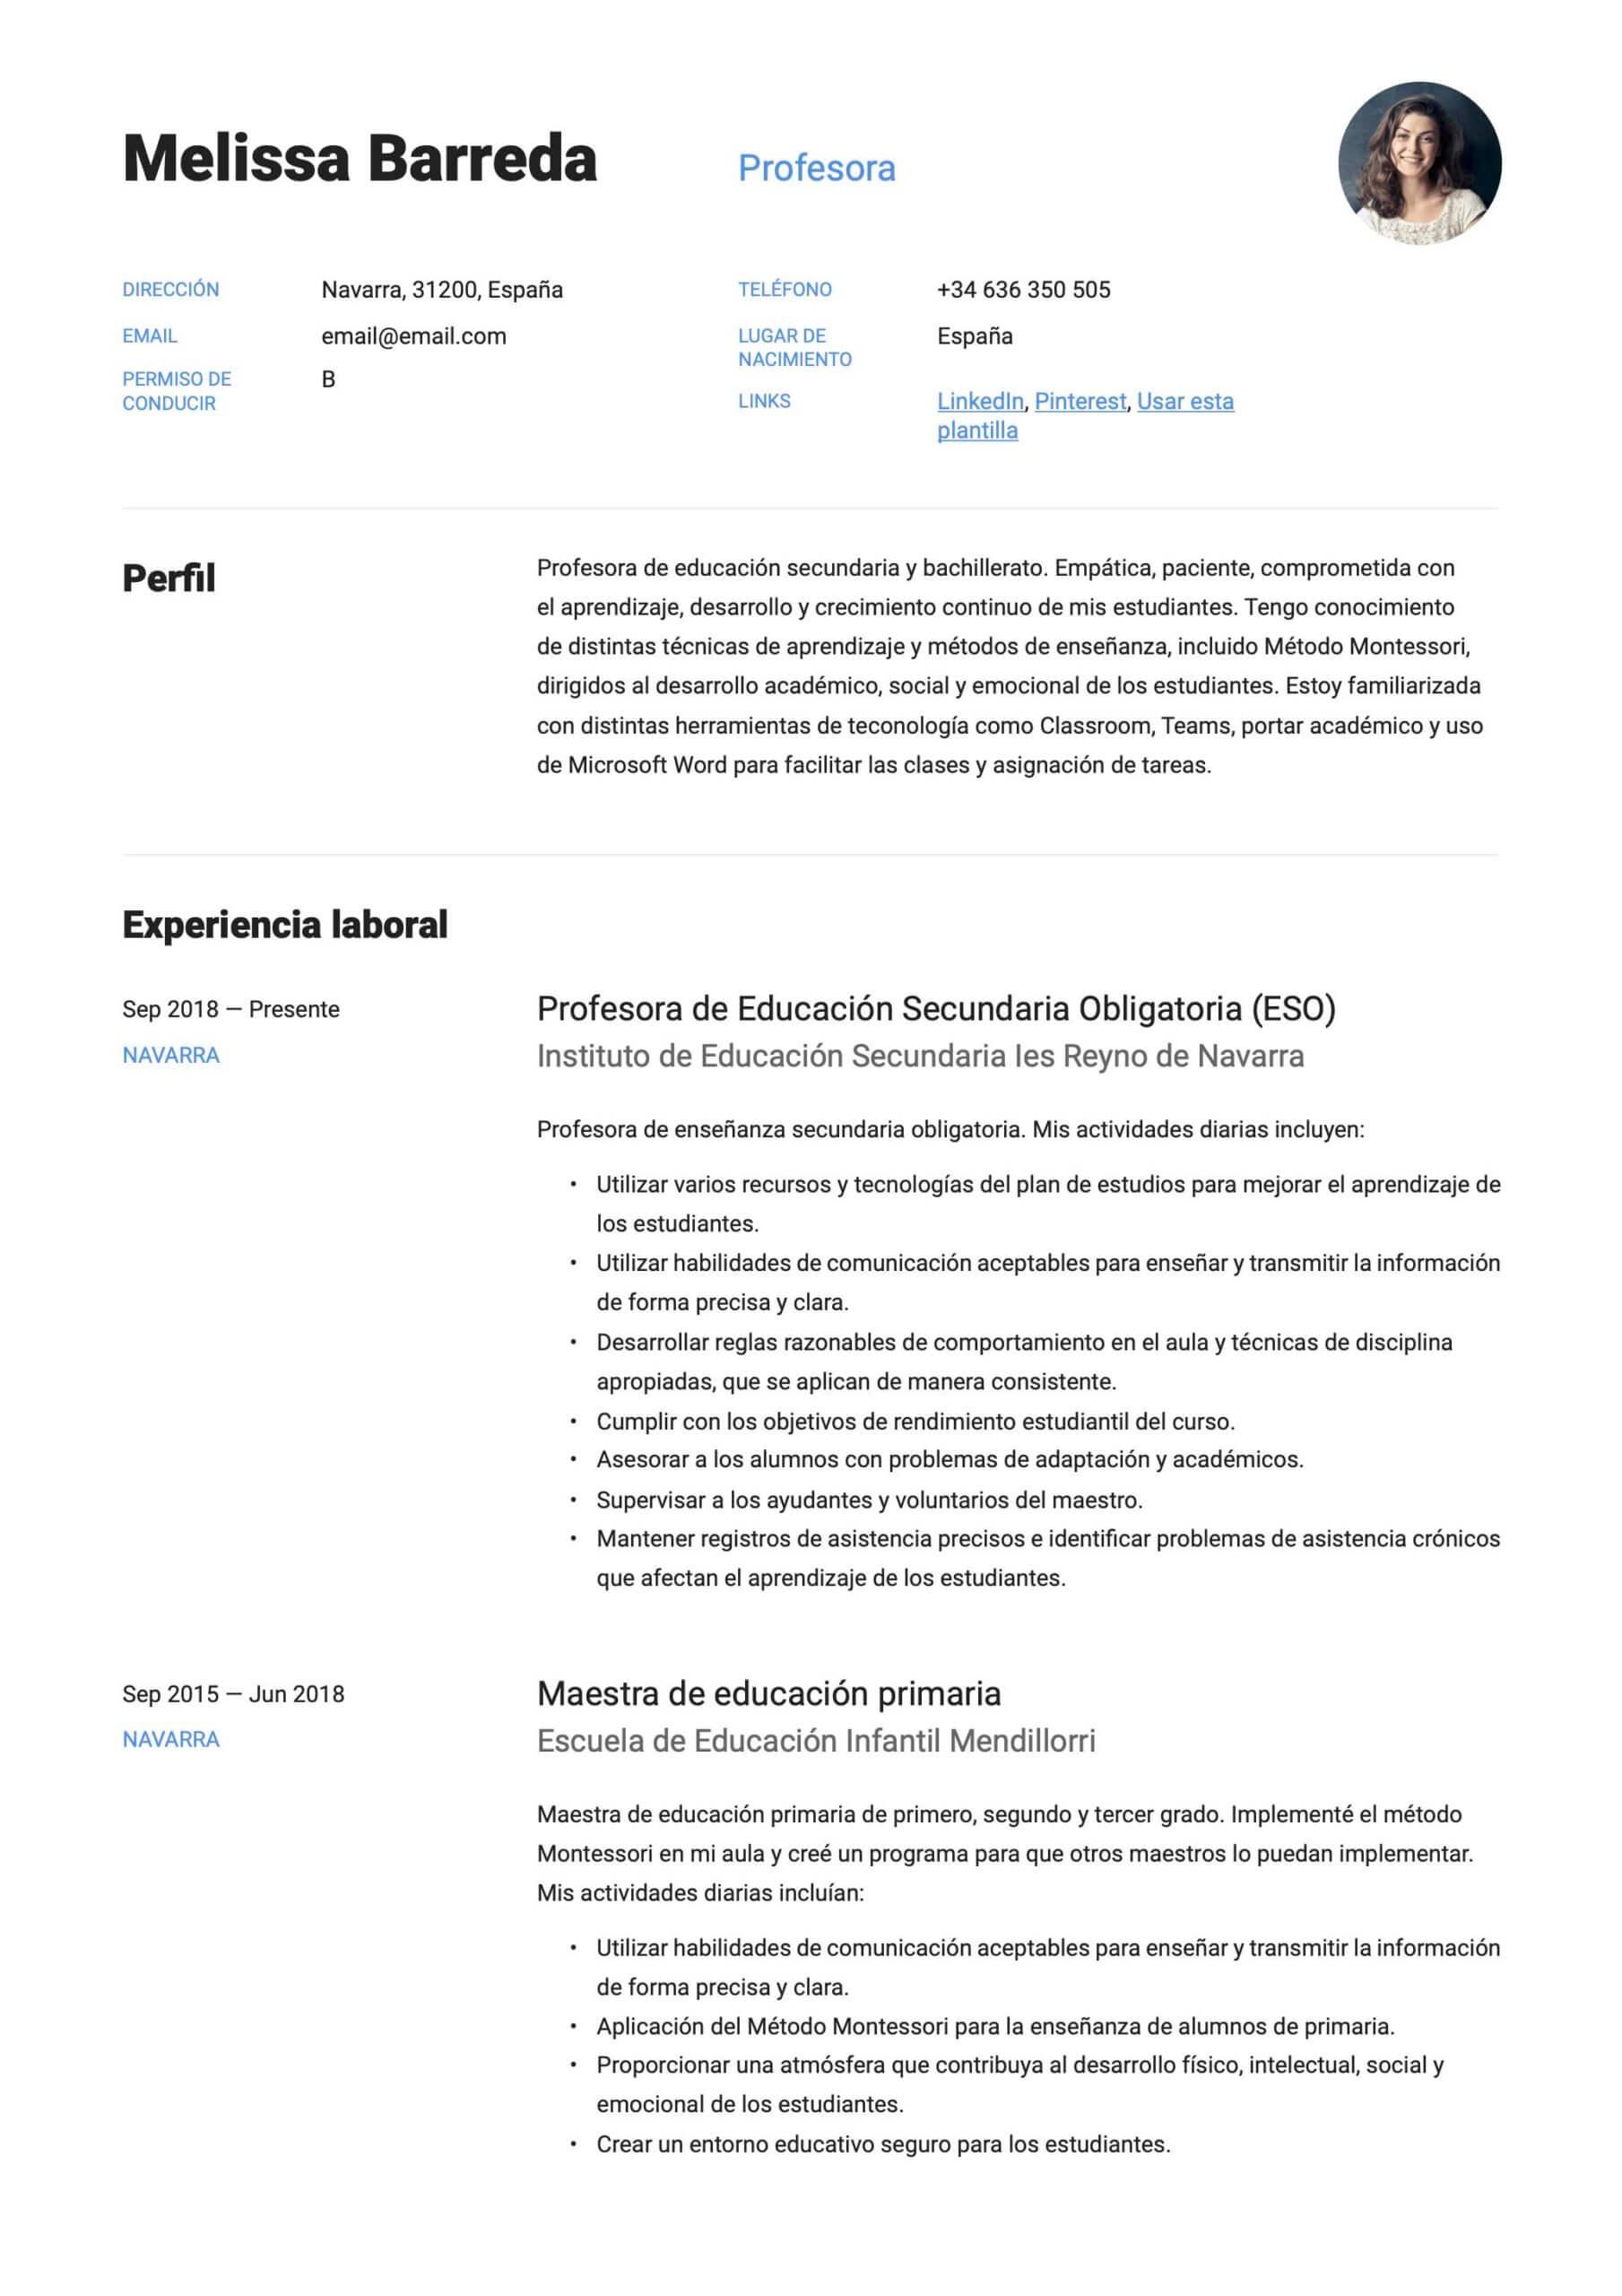 Modelo de CV para profesor